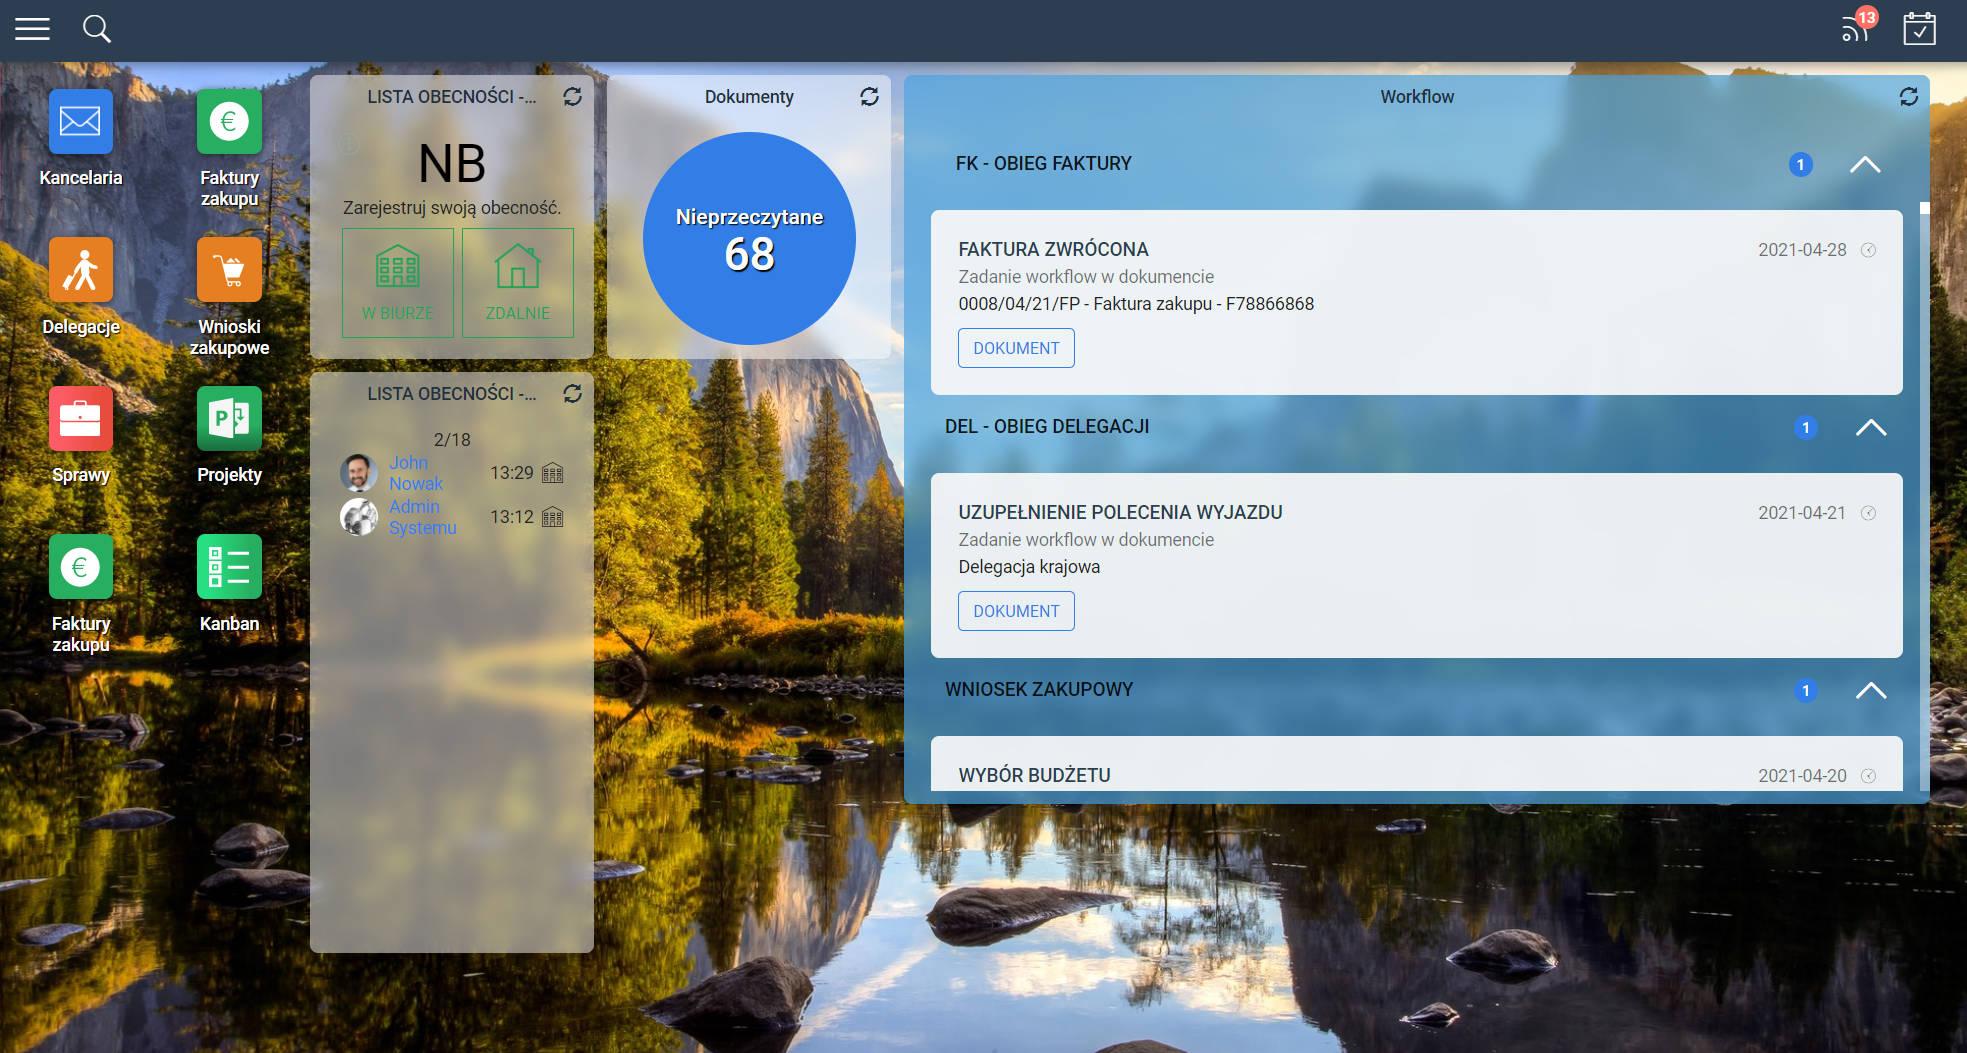 dashboard aplikacji Ready